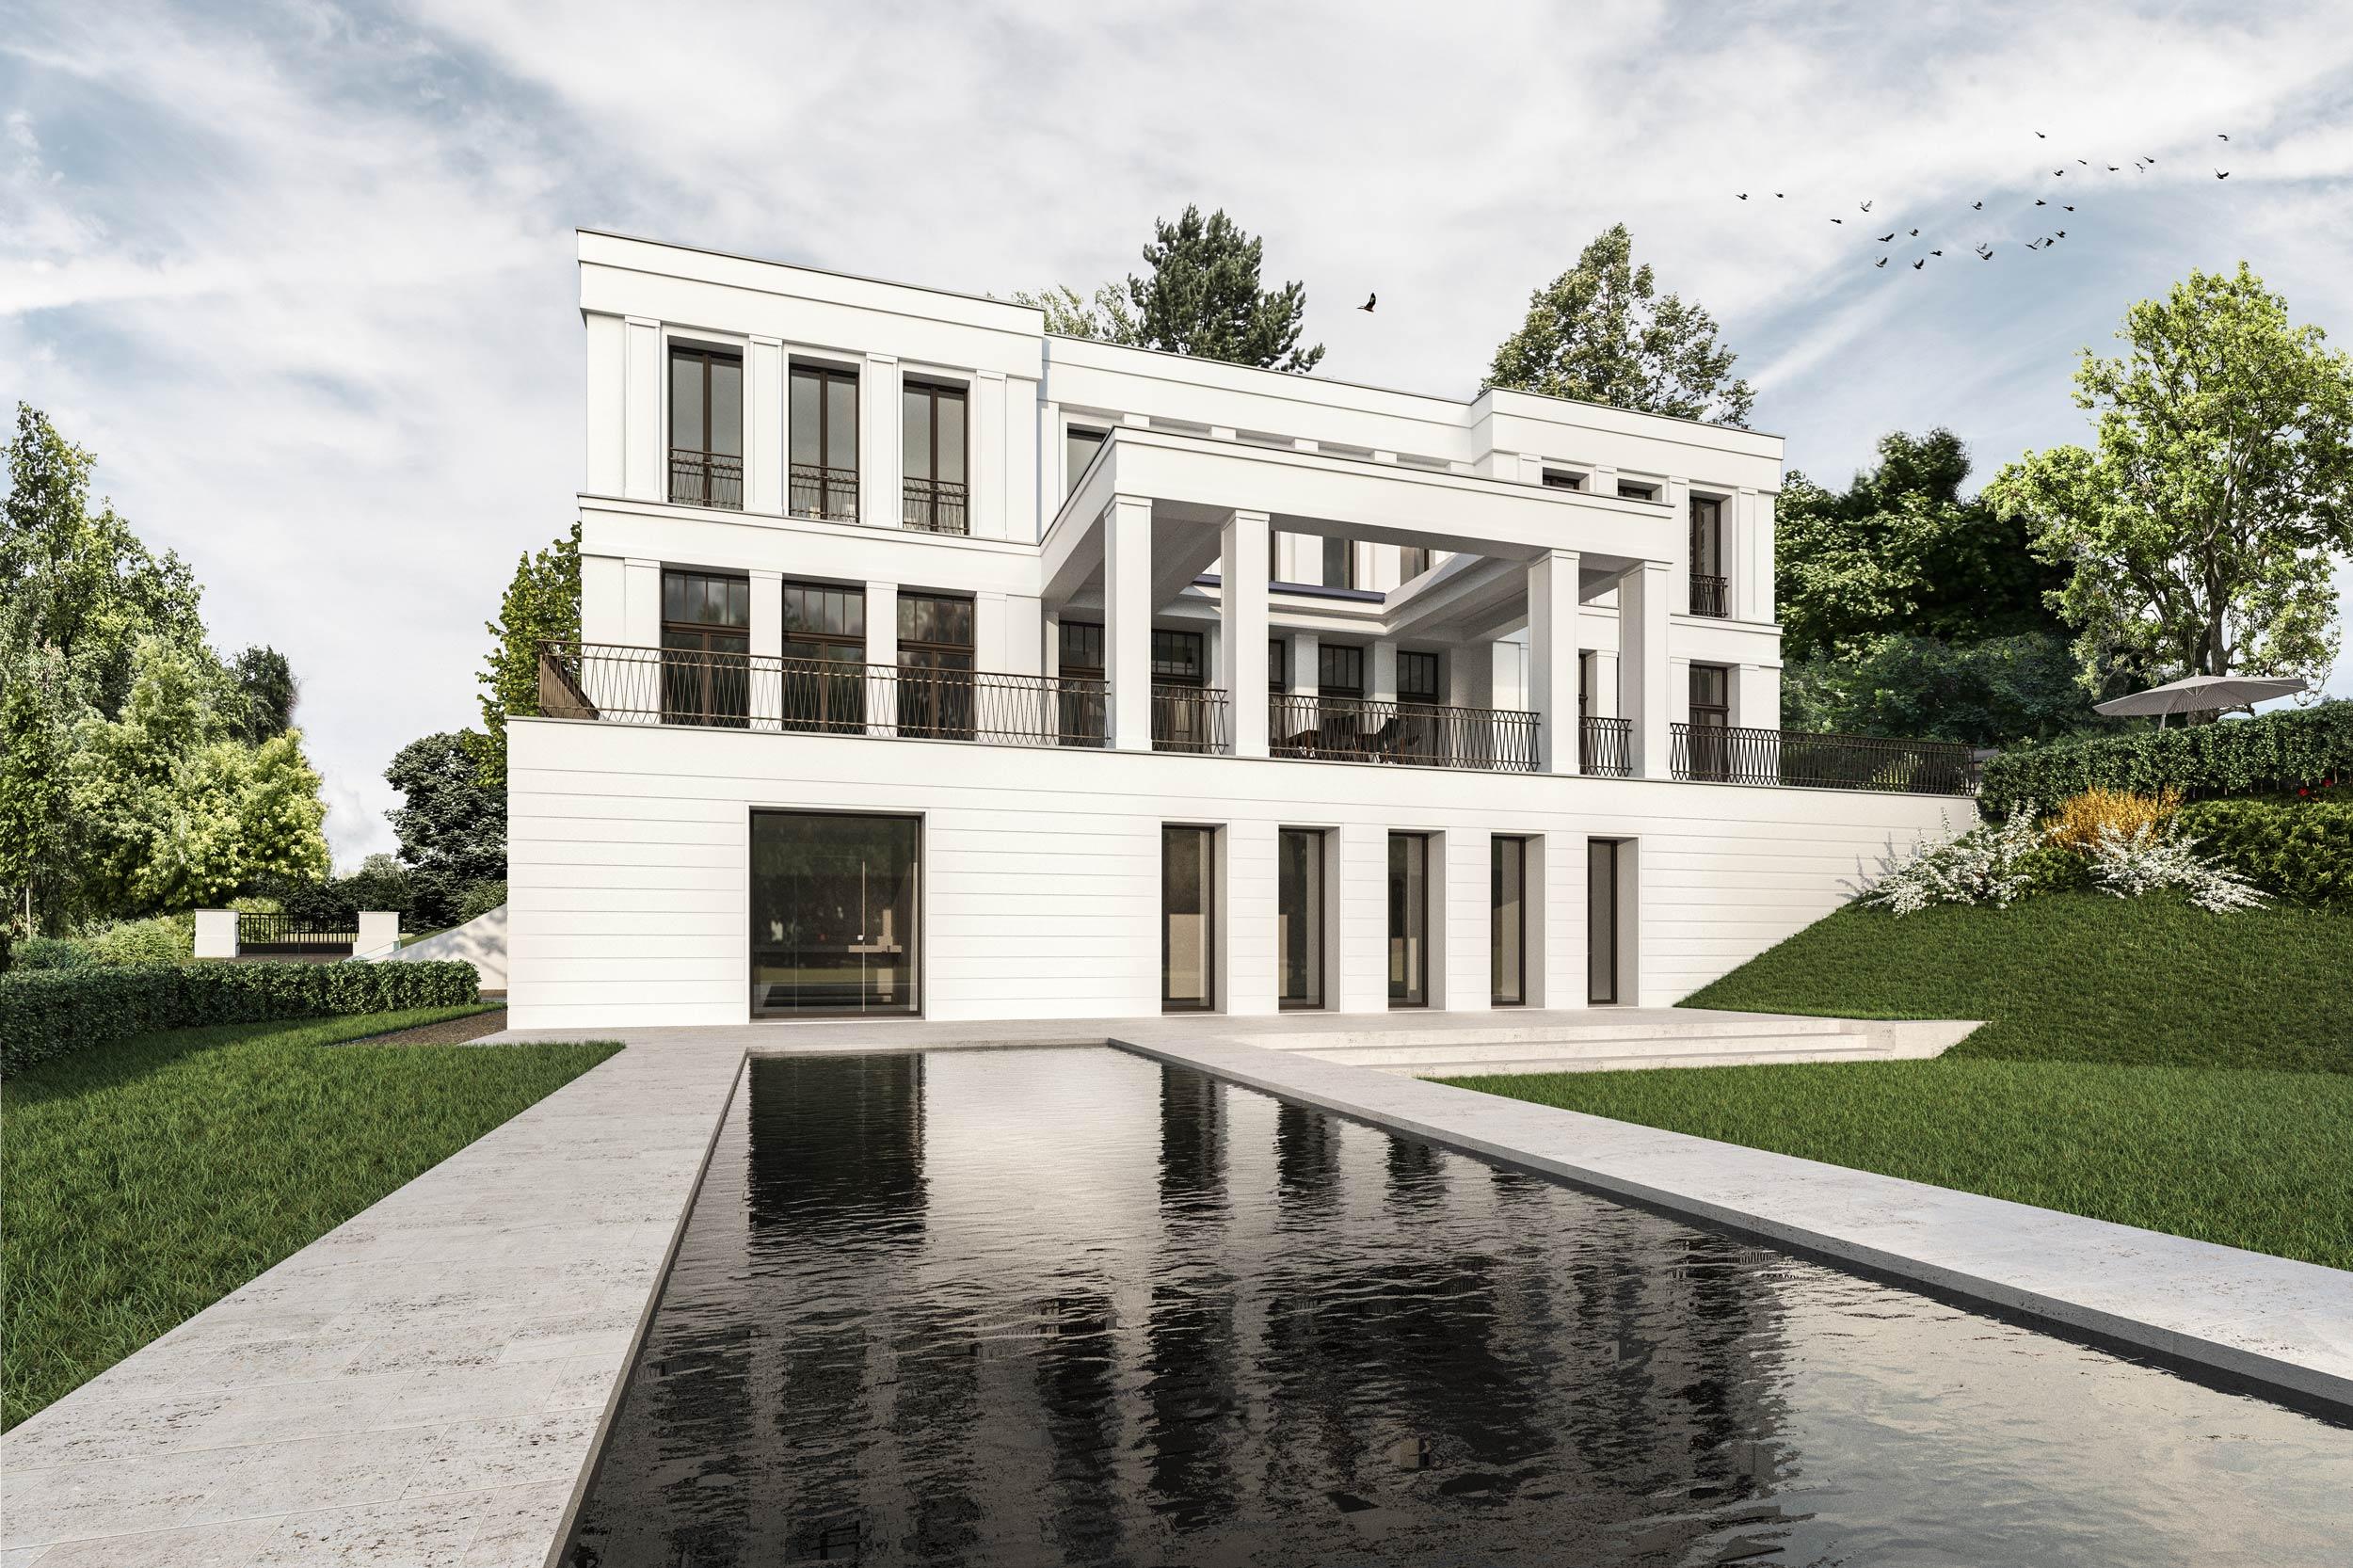 Die klassische Villa am Hang wird im Souterrain als Fitness- und Wellnessbereich genutzt. Der Saunabereich ist zum Garten hin direkt an den Außenpool angeschlossen.